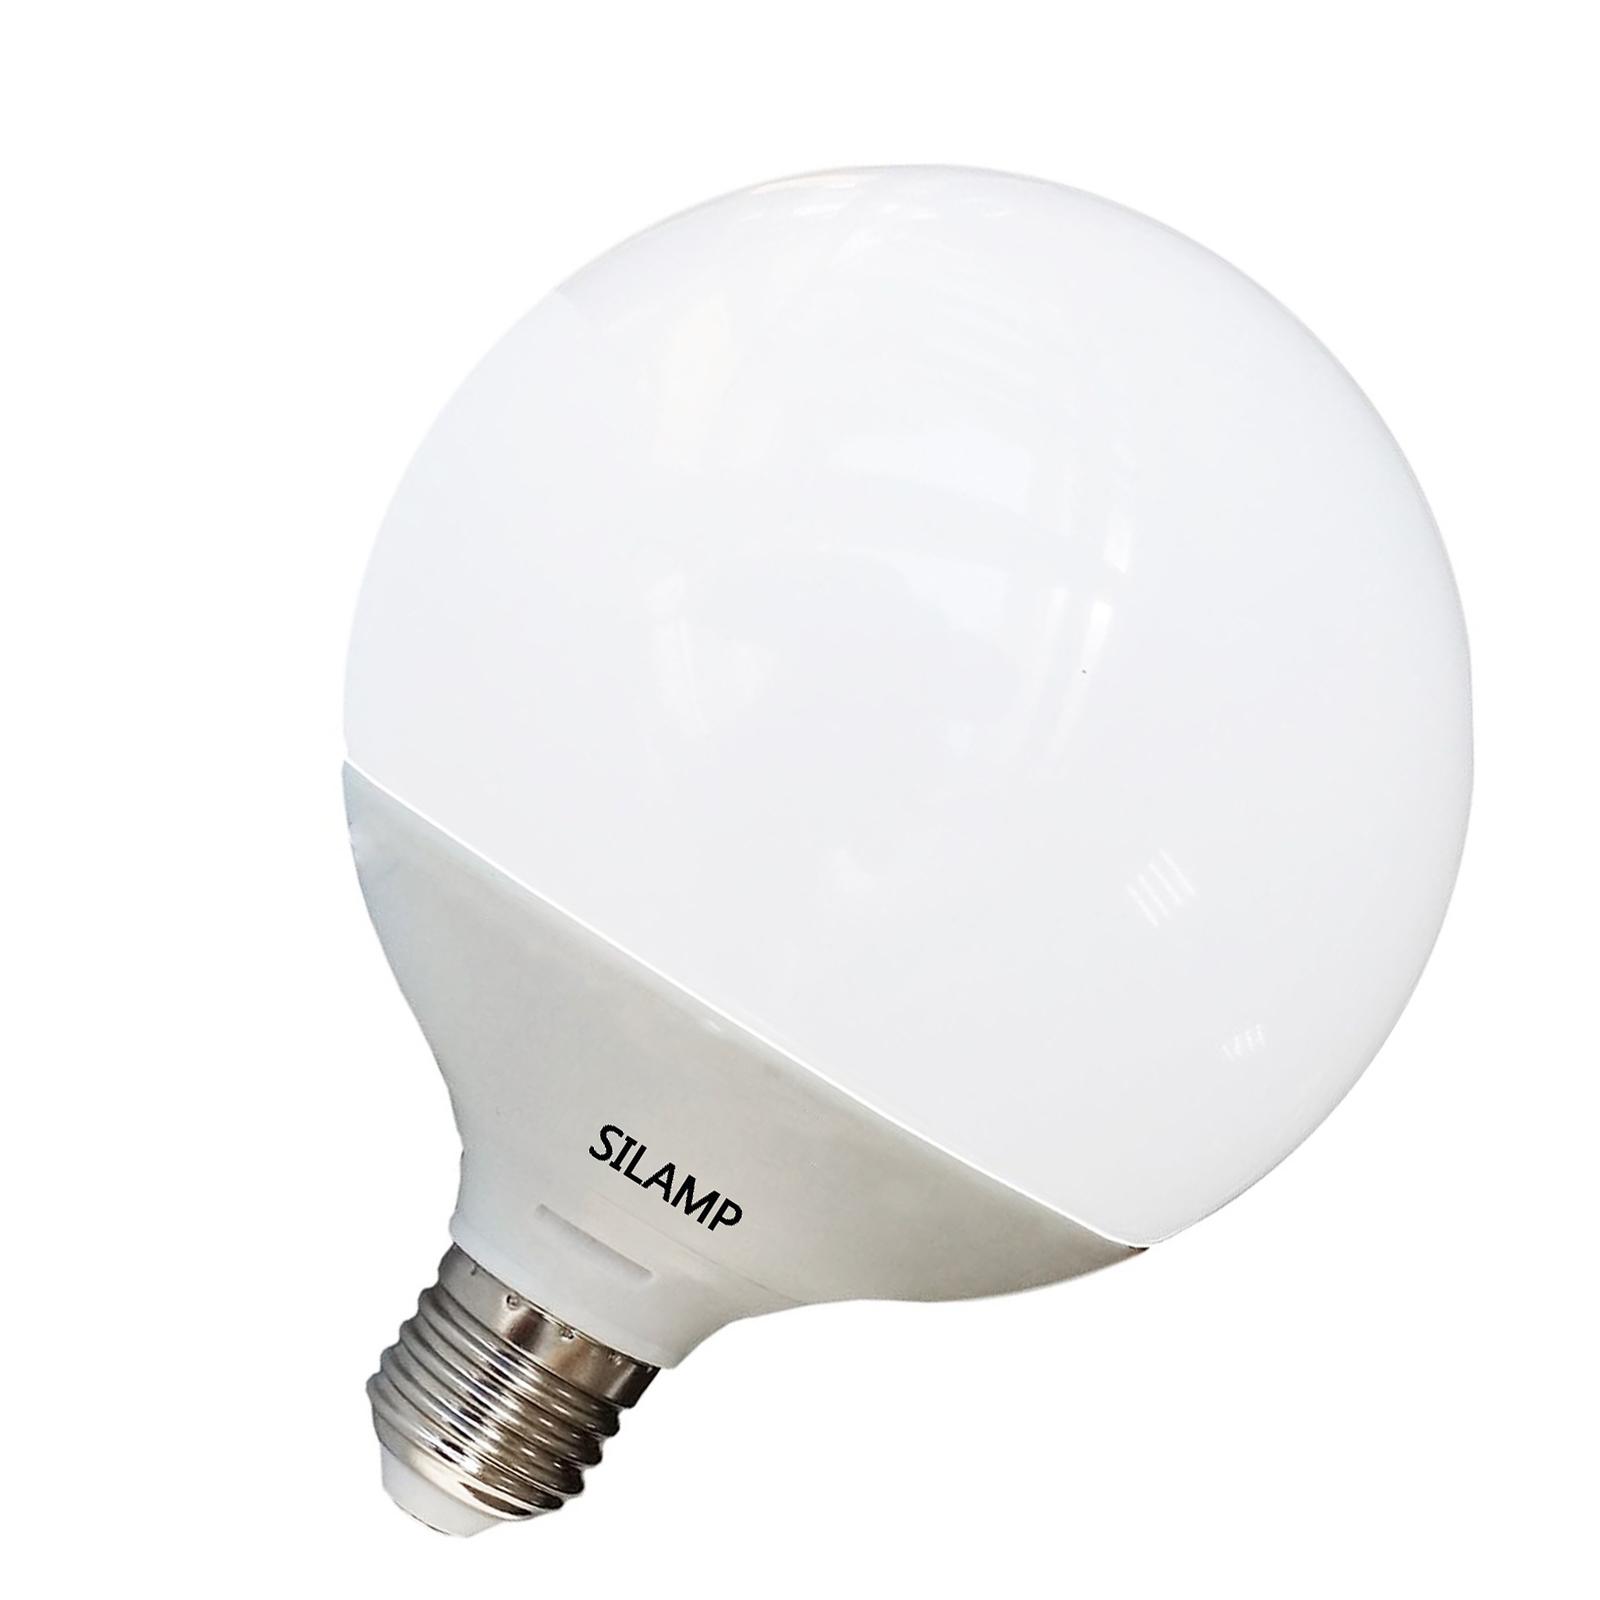 G95 12w offerte lampadine led silamp lampadina a for Led lampade